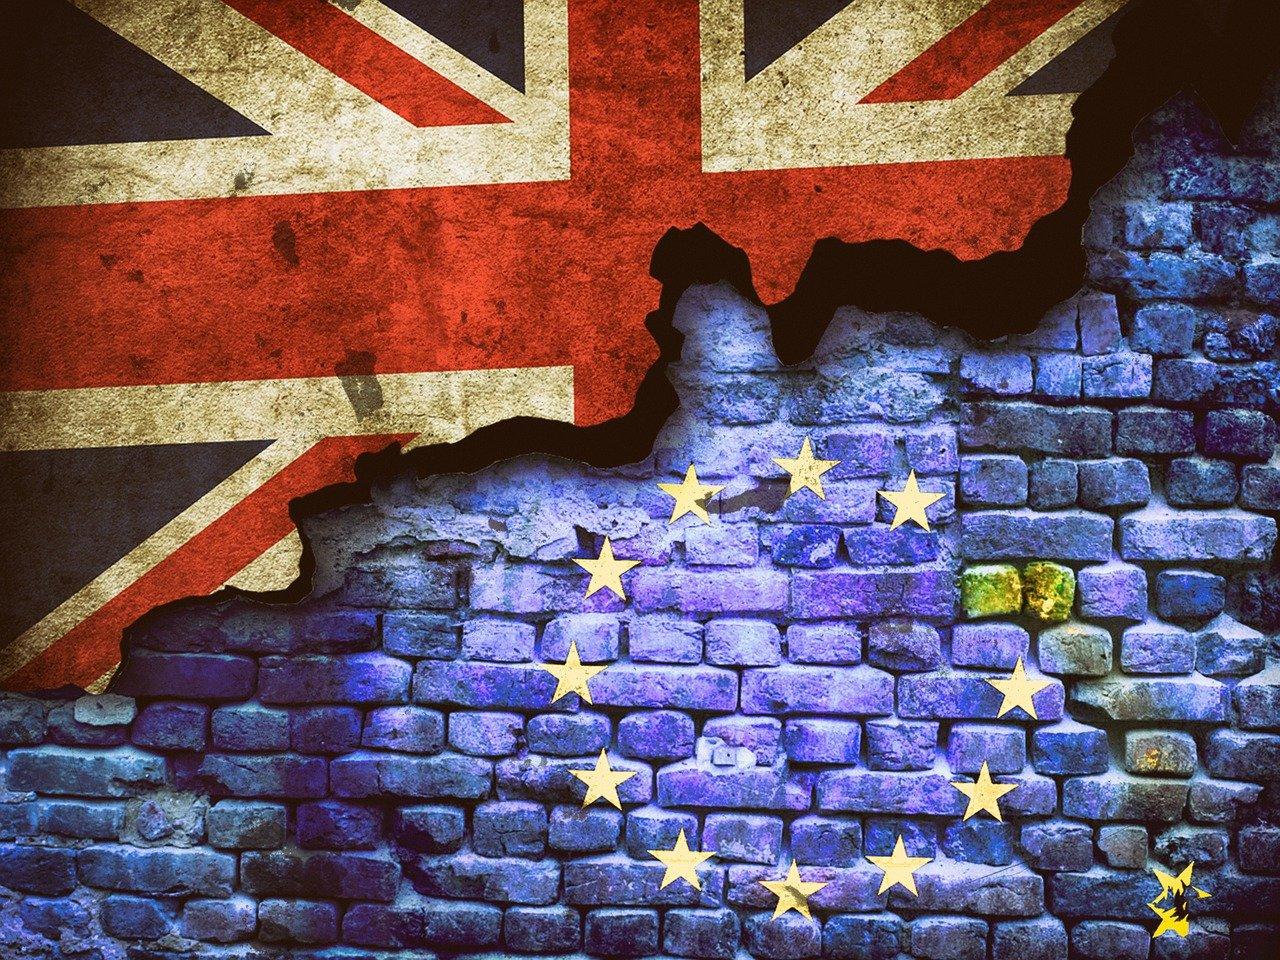 Nic není zadarmo. Kolik zaplatí občané za brexit? - anotační obrázek